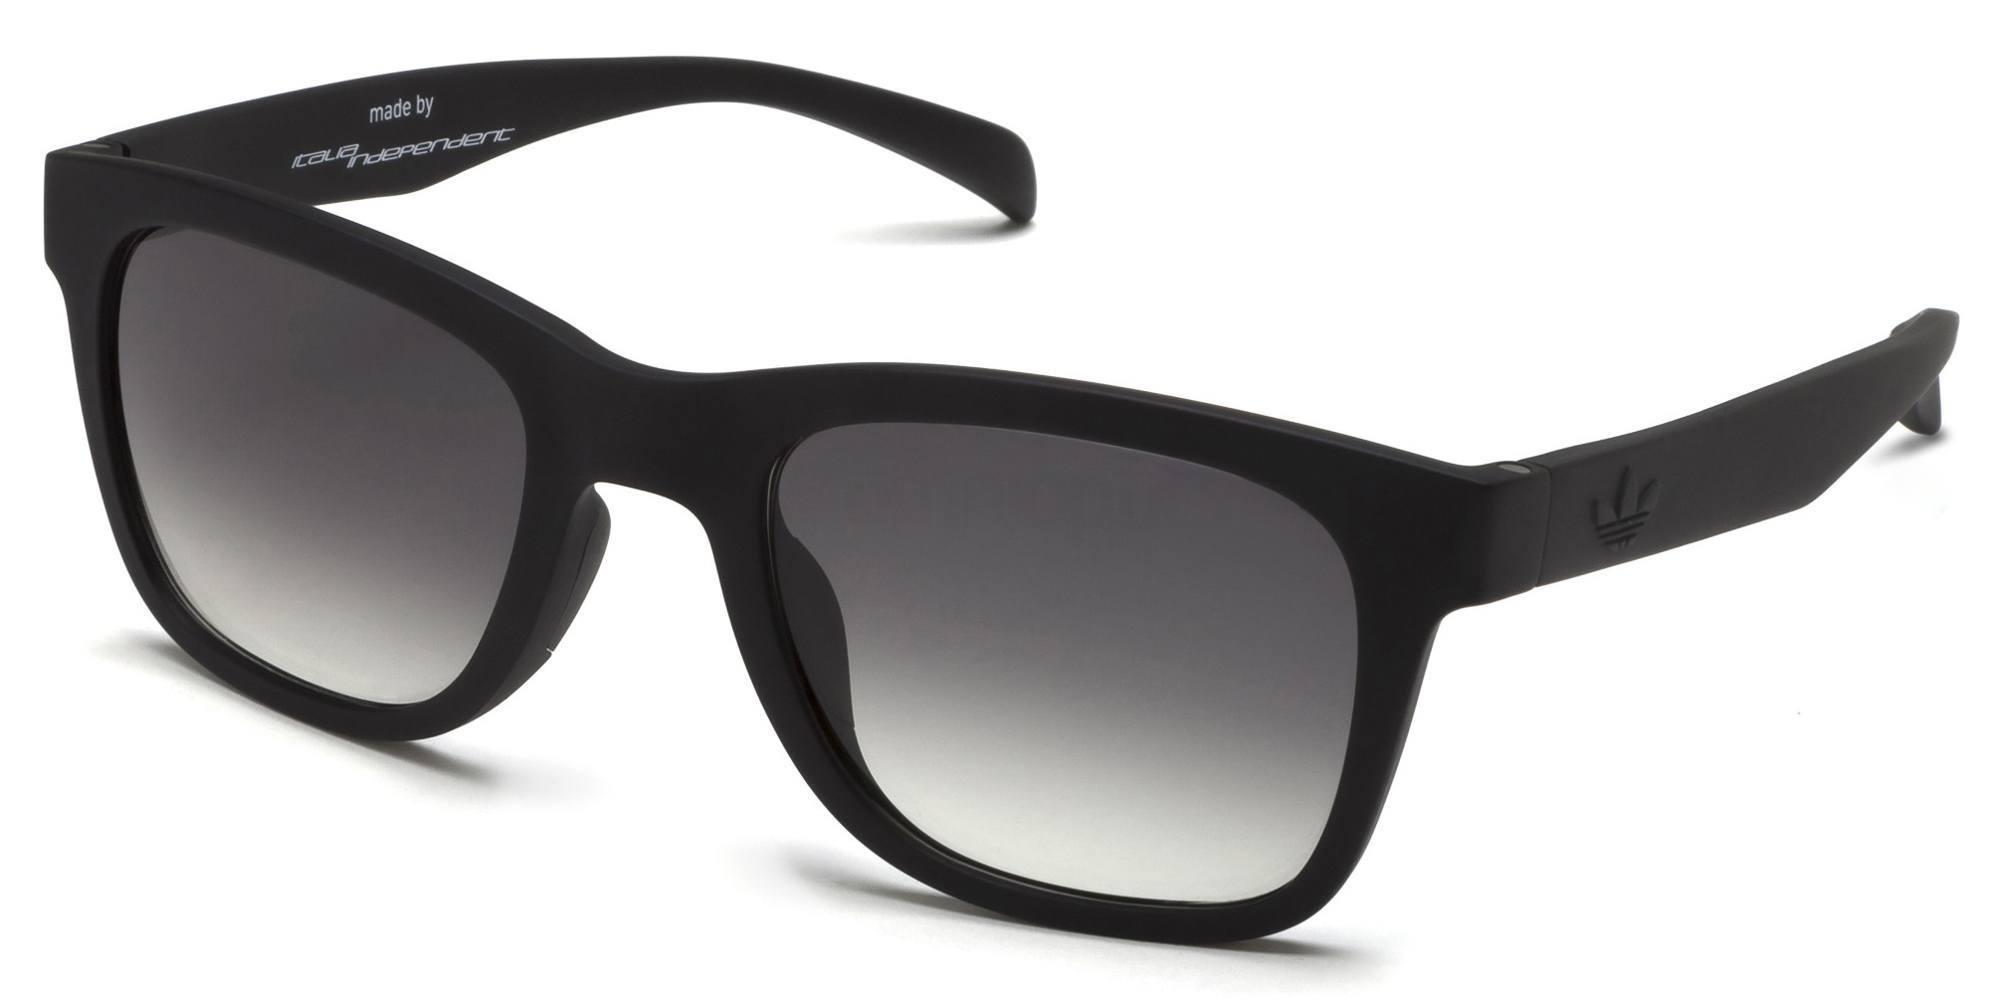 009.009 AOR004 Sunglasses, Adidas Originals